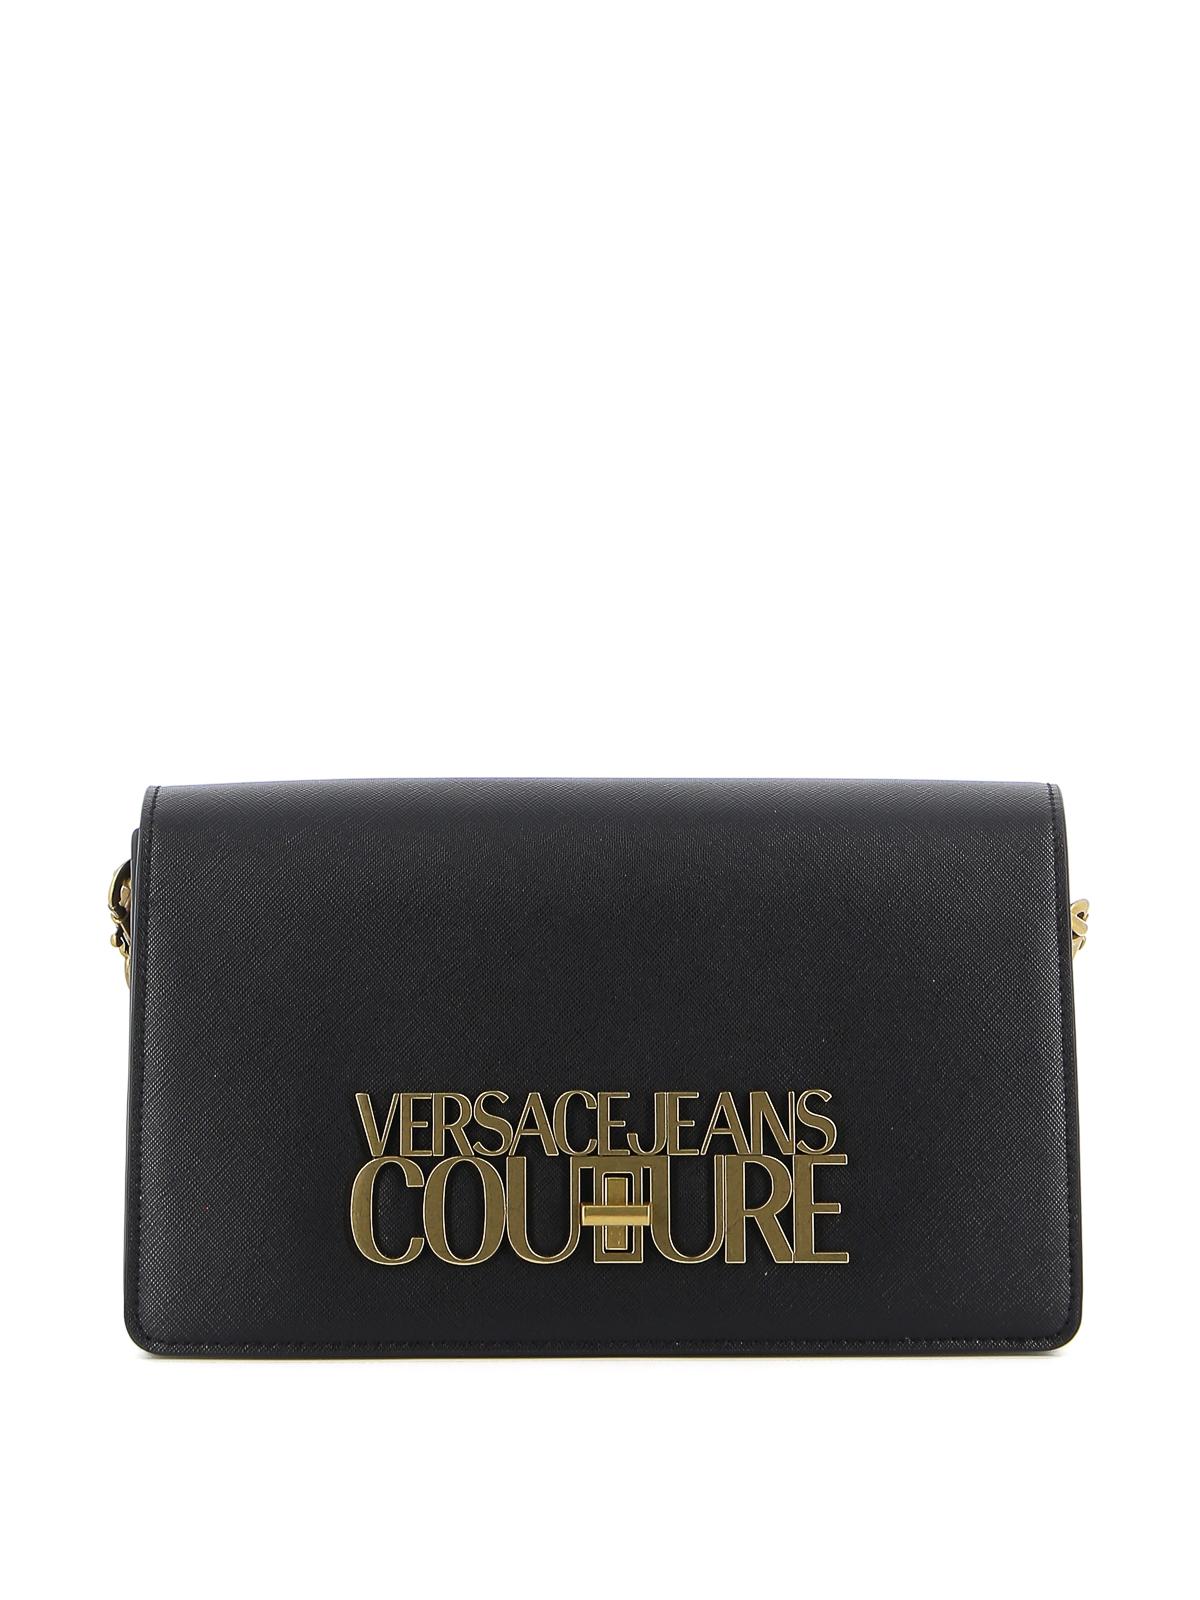 Versace Jeans Couture Shoulder bags LOGO LETTERING SHOULDER BAG